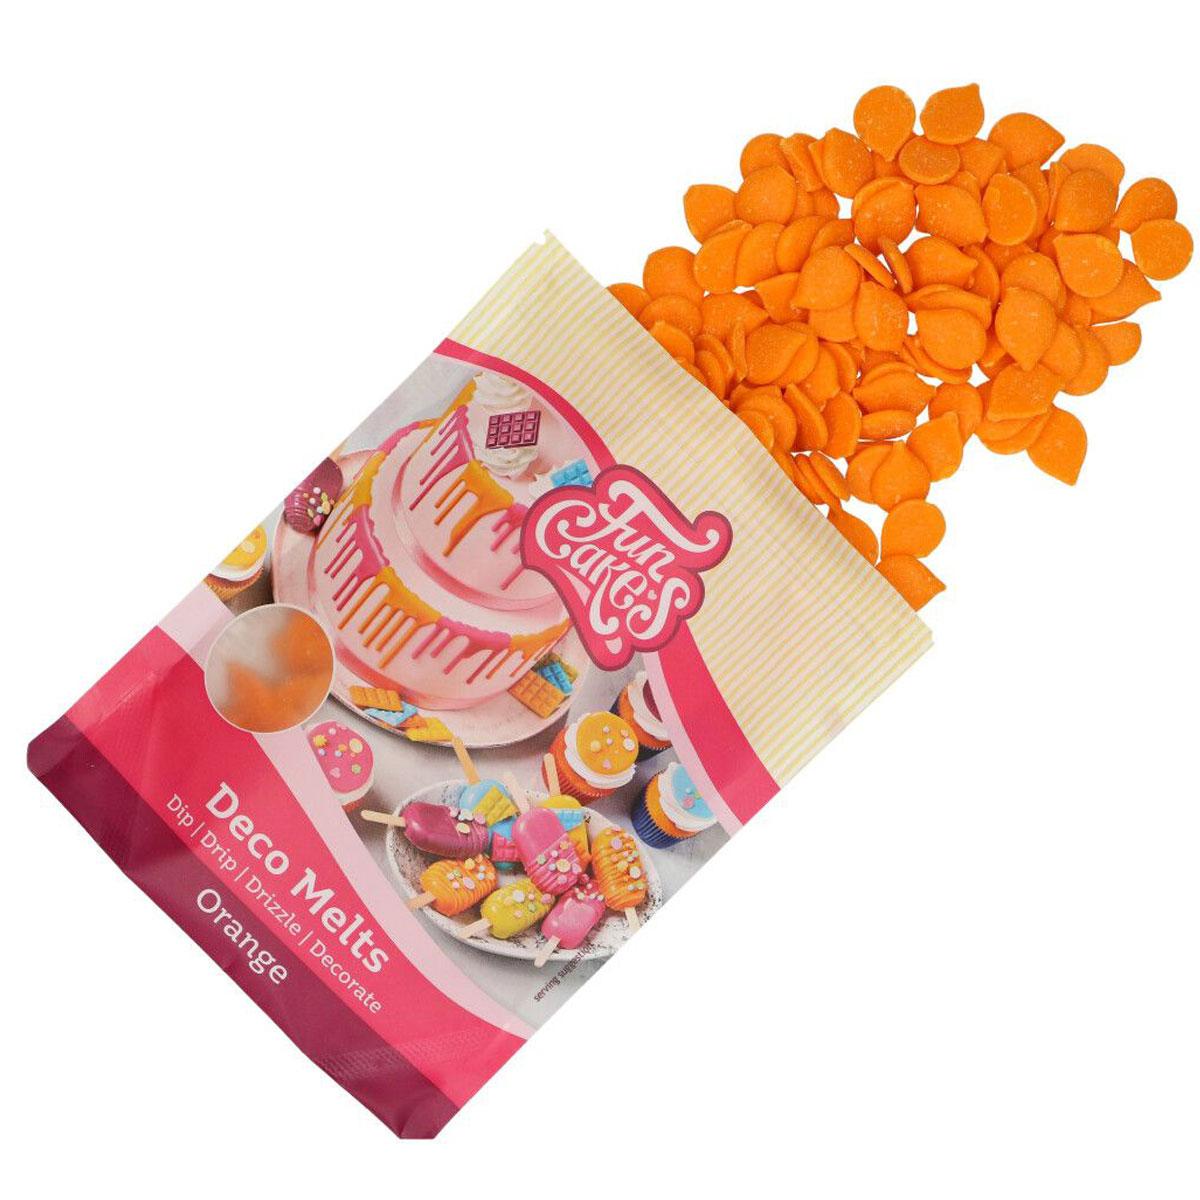 Funcakes Deko Melts - Orange 250g